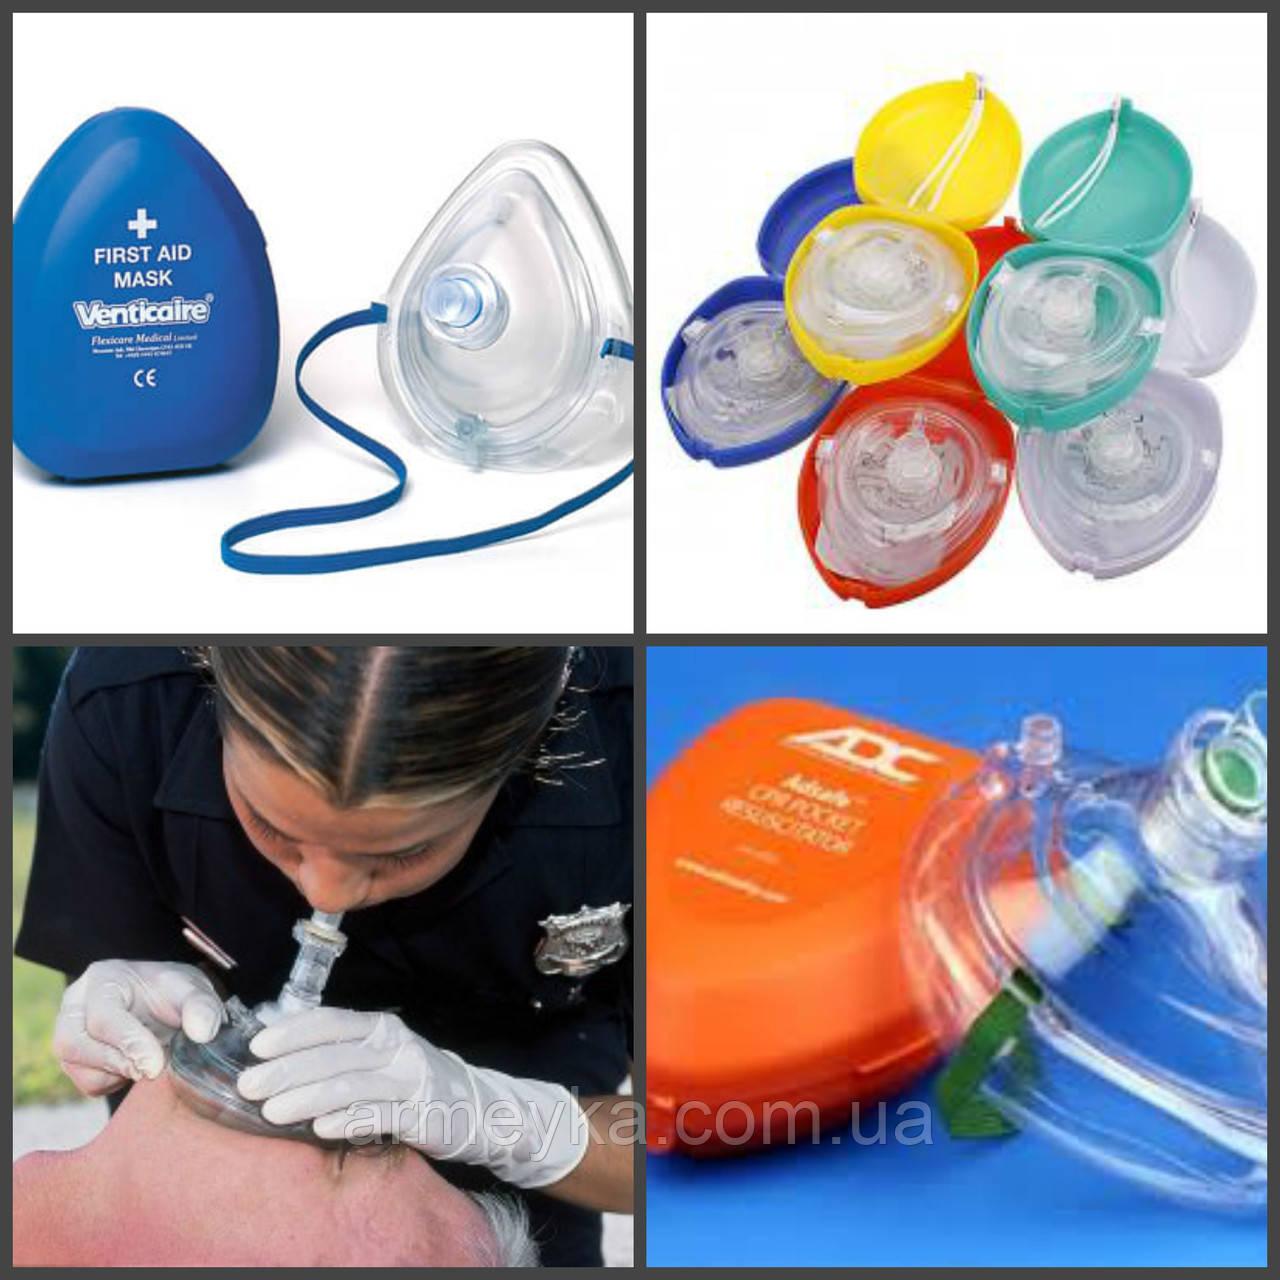 Карманная маска CPR (для искусственной вентиляции легких). Оригинал.